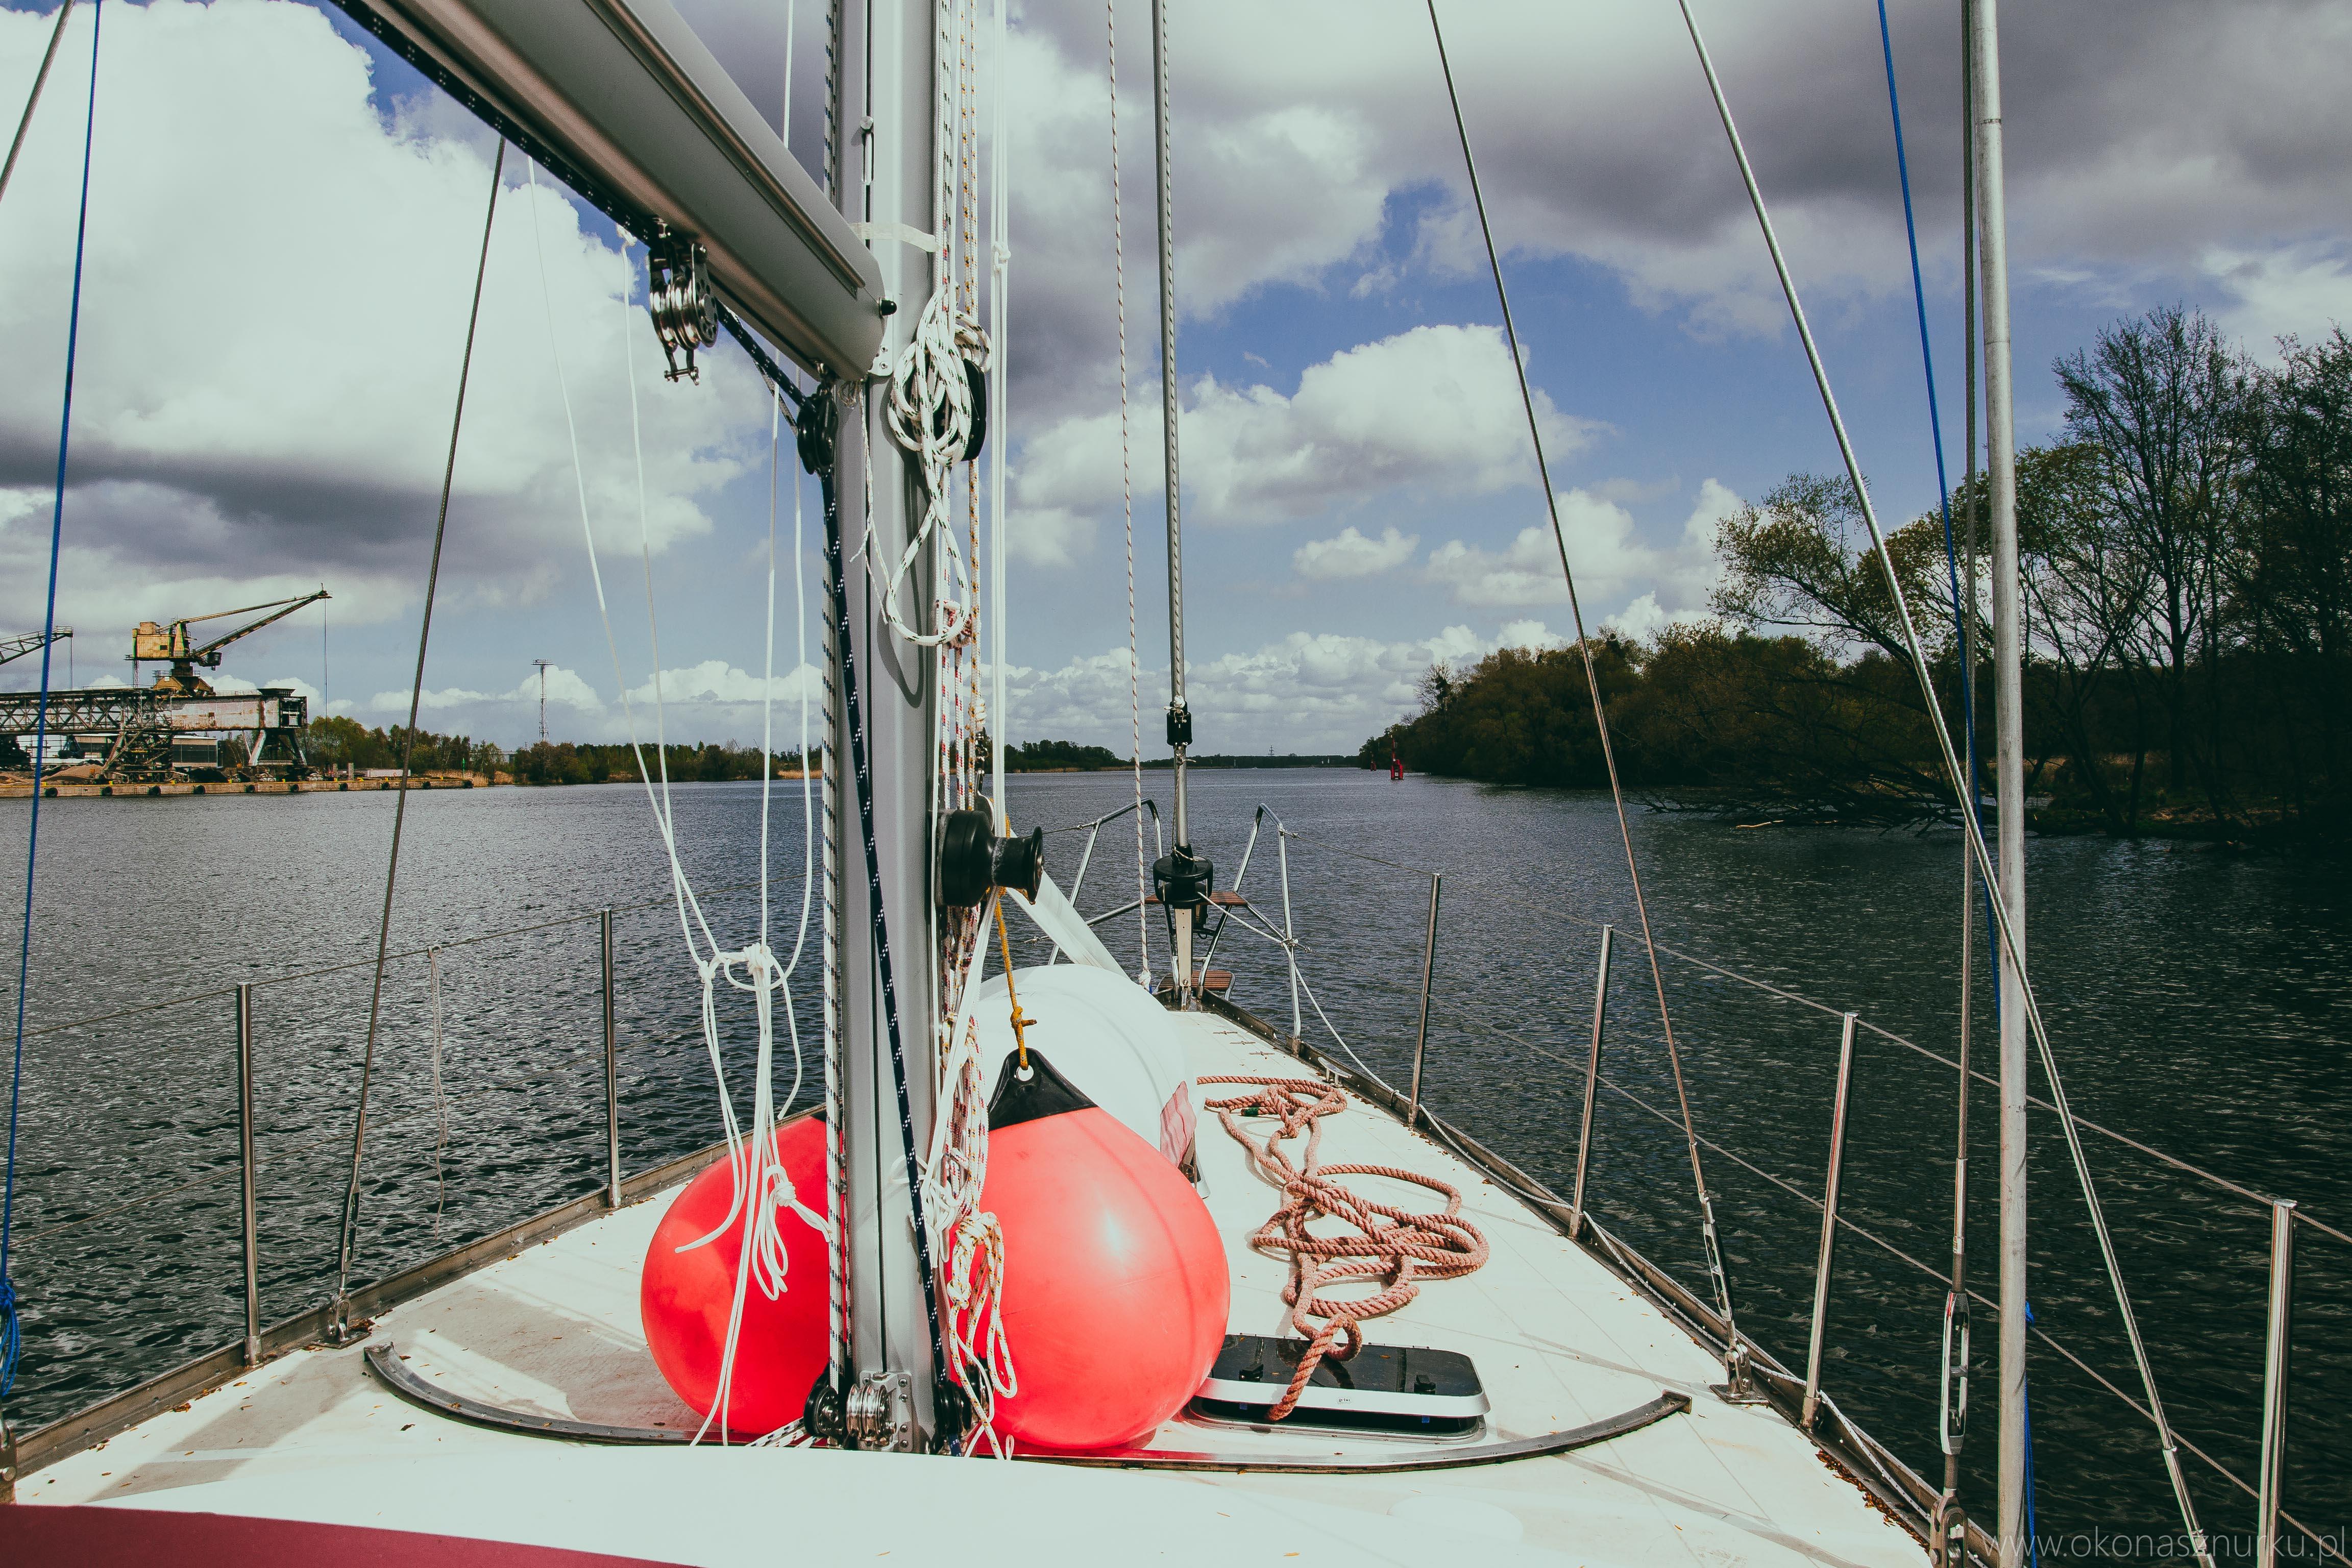 marina-jacht-wyprawy-morskie-silesia-szczecin-goclaw-lubczyna (27)